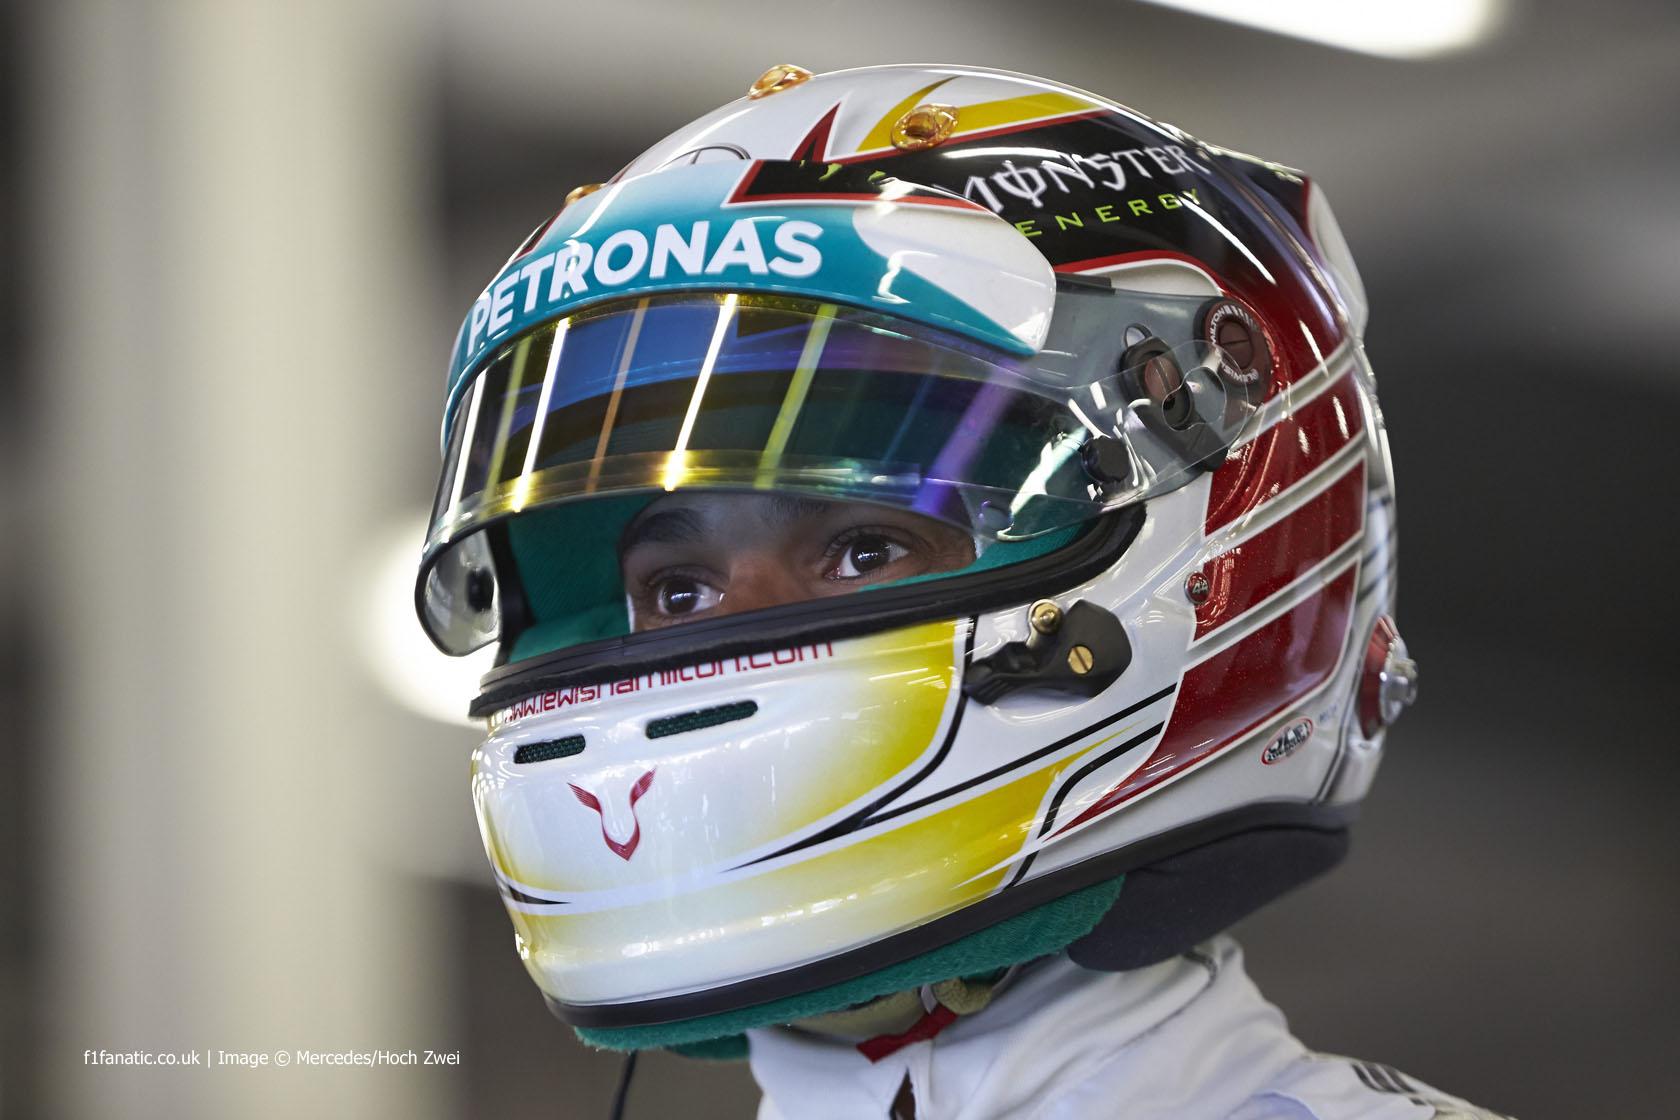 Lewis Hamilton, Mercedes, Silverstone, 2014